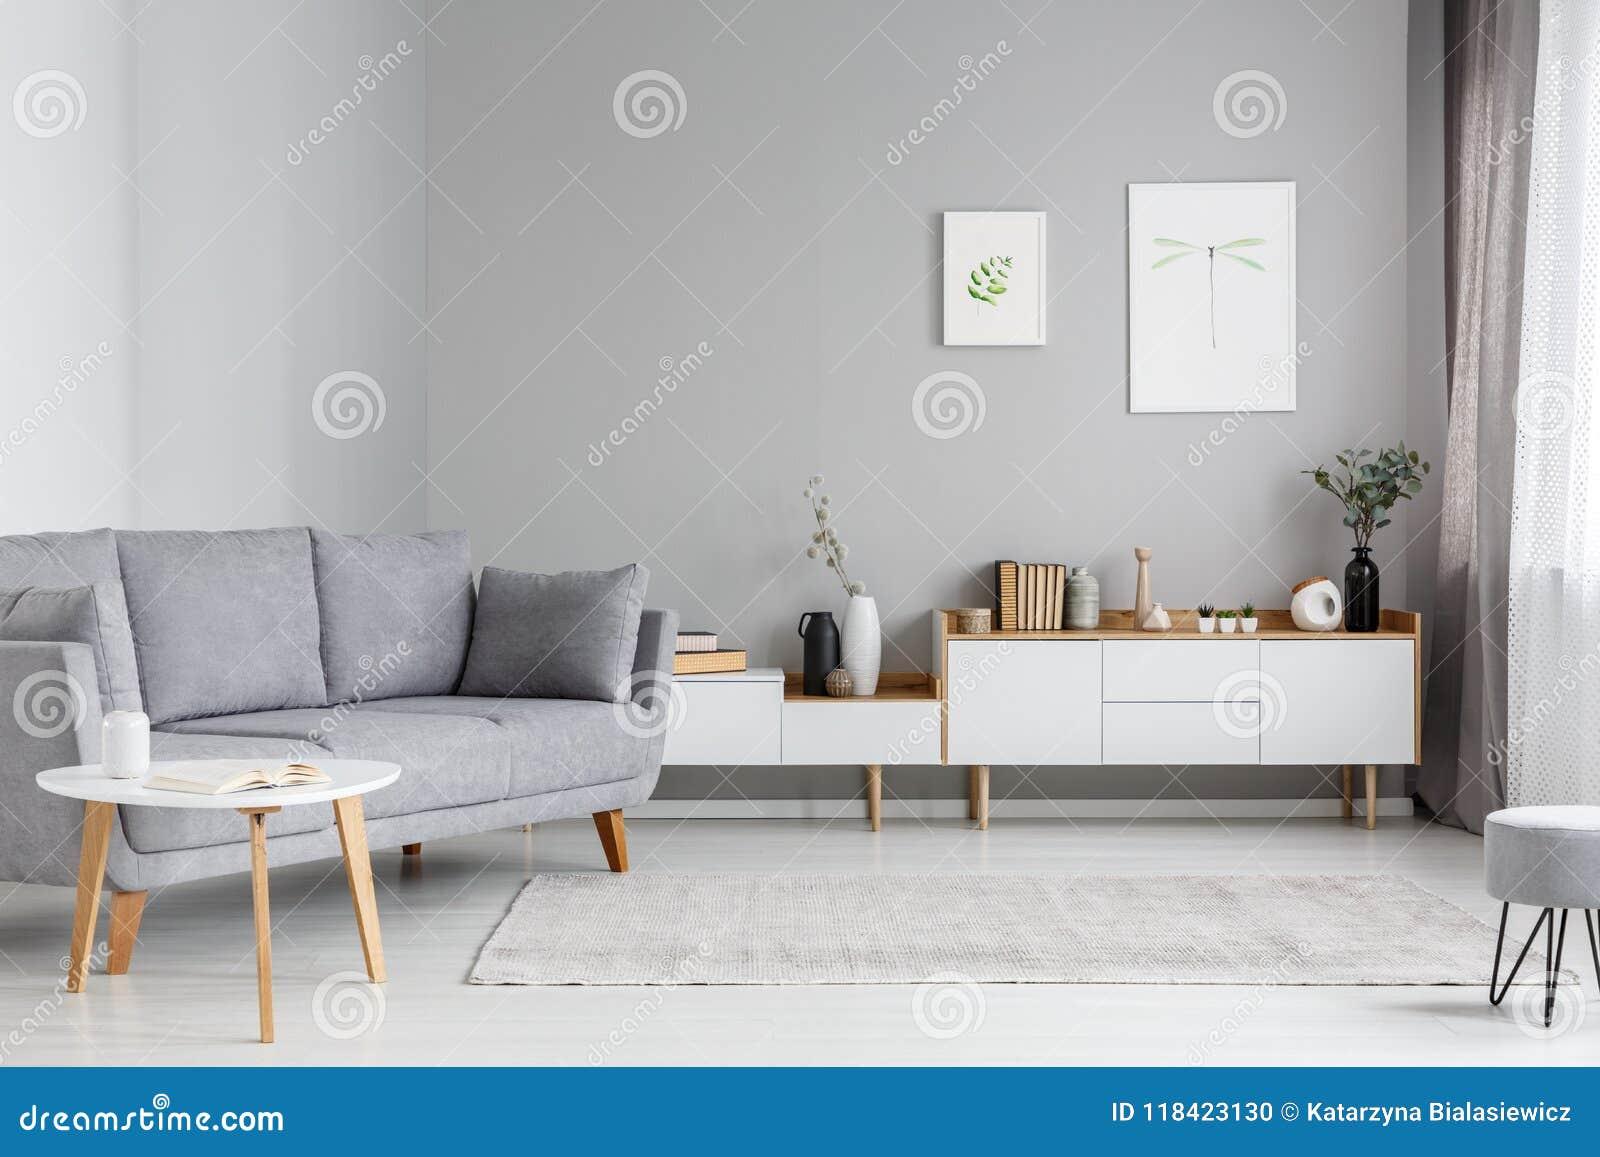 Canapé cinzento perto do armário branco no interior mínimo da sala de visitas